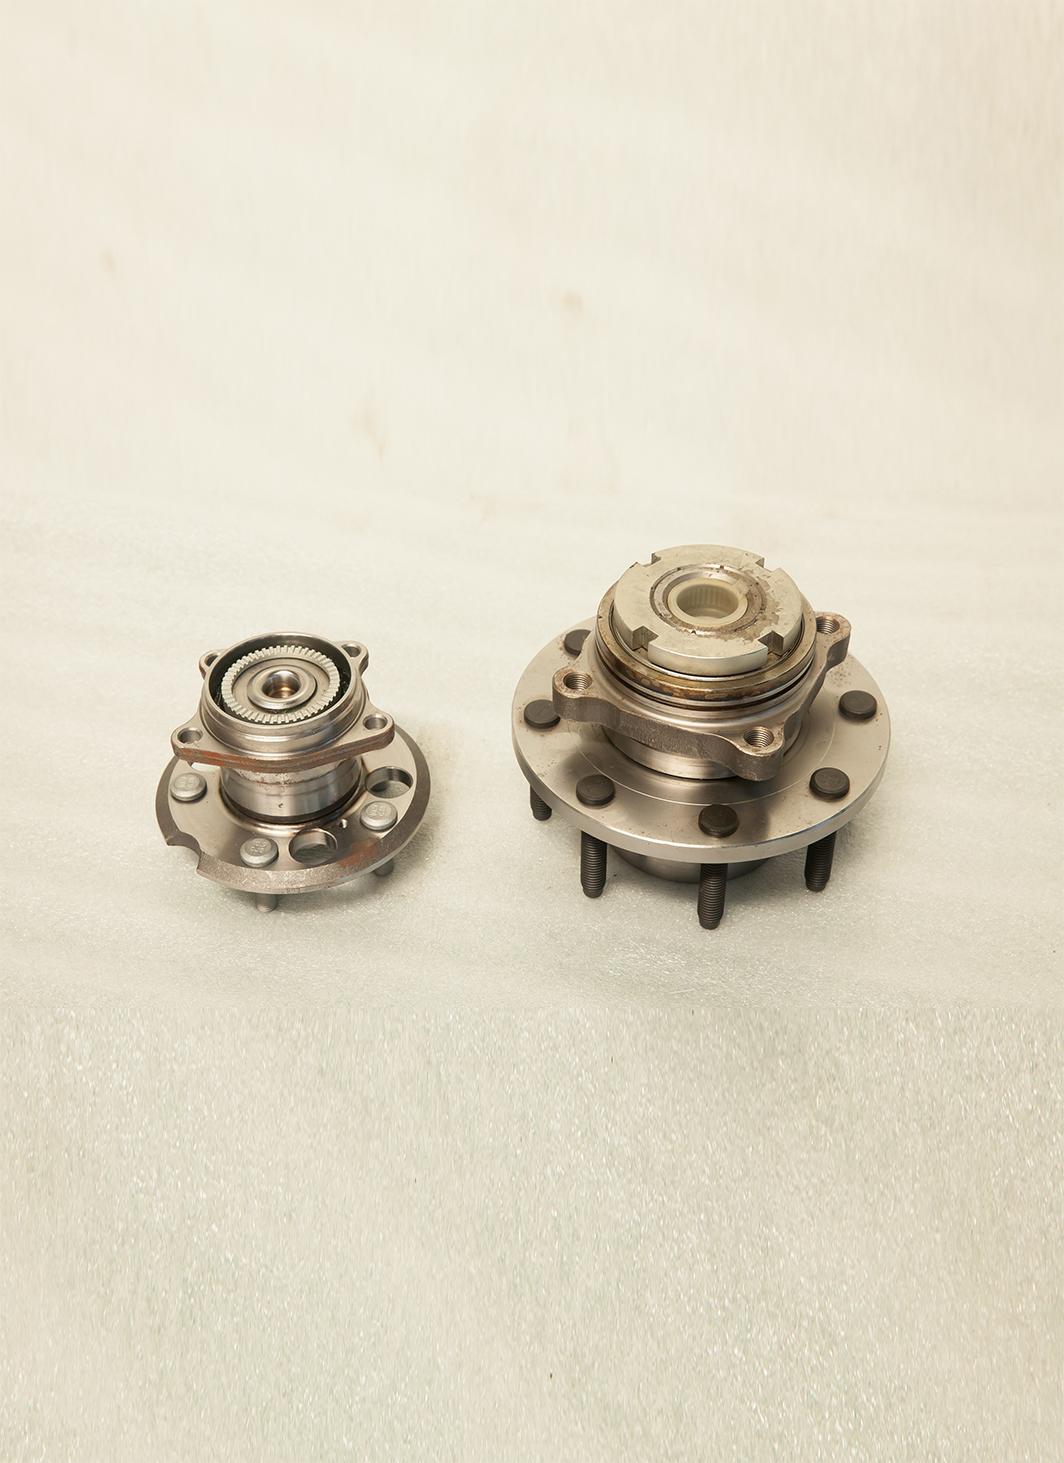 汽车轮毂轴承密封件压装